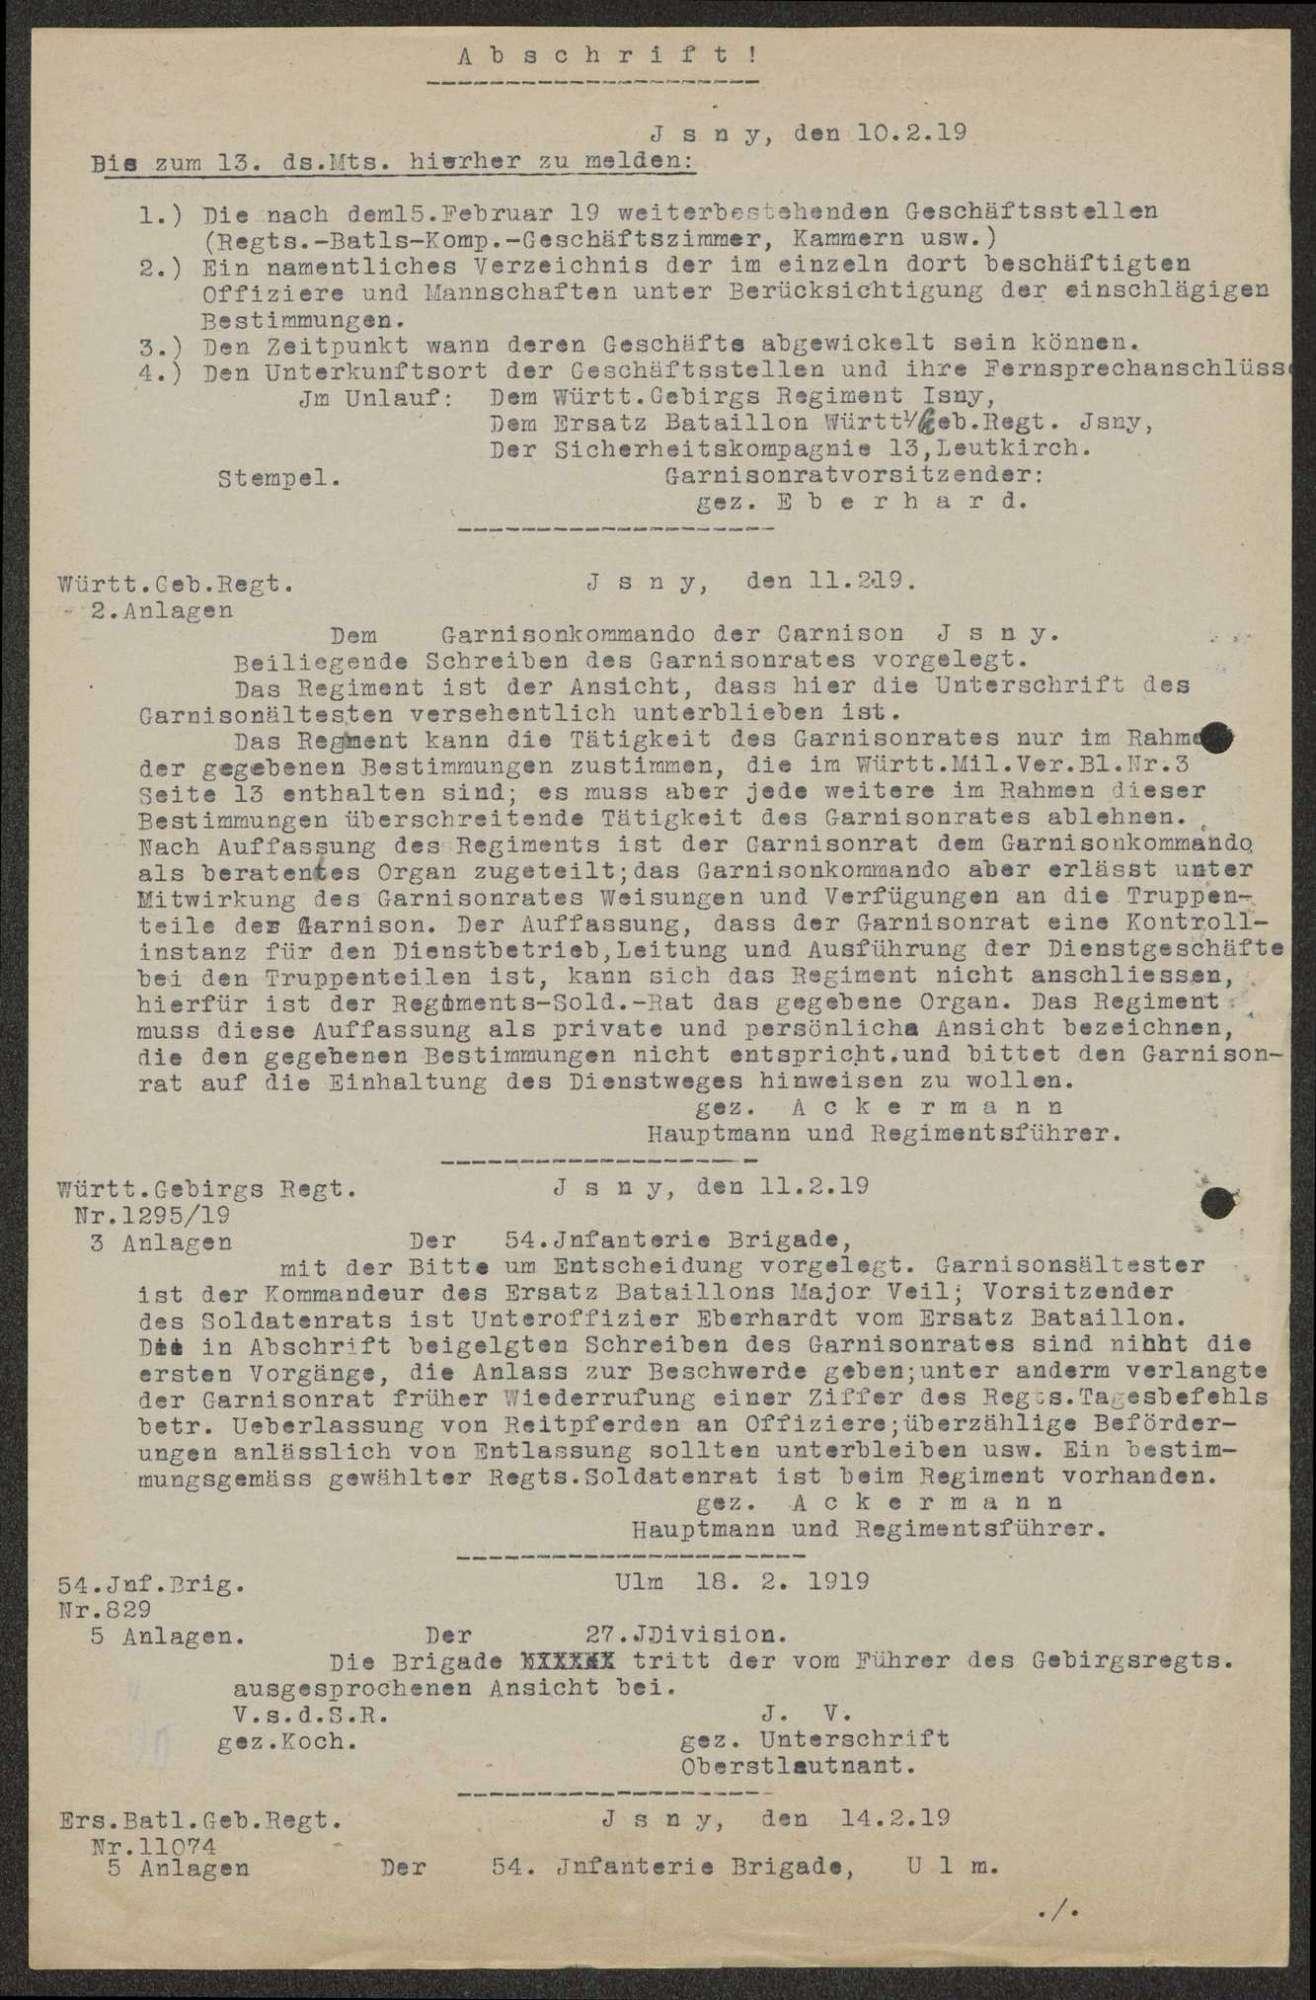 Nichtbeachtung der Gegenzeichnung durch den Soldatenrat, Beschwerde des Gebirgsregiments bzw. des Ersatz-Bataillons über unbefugte Eingriffe des Garnisonrats, Bild 3